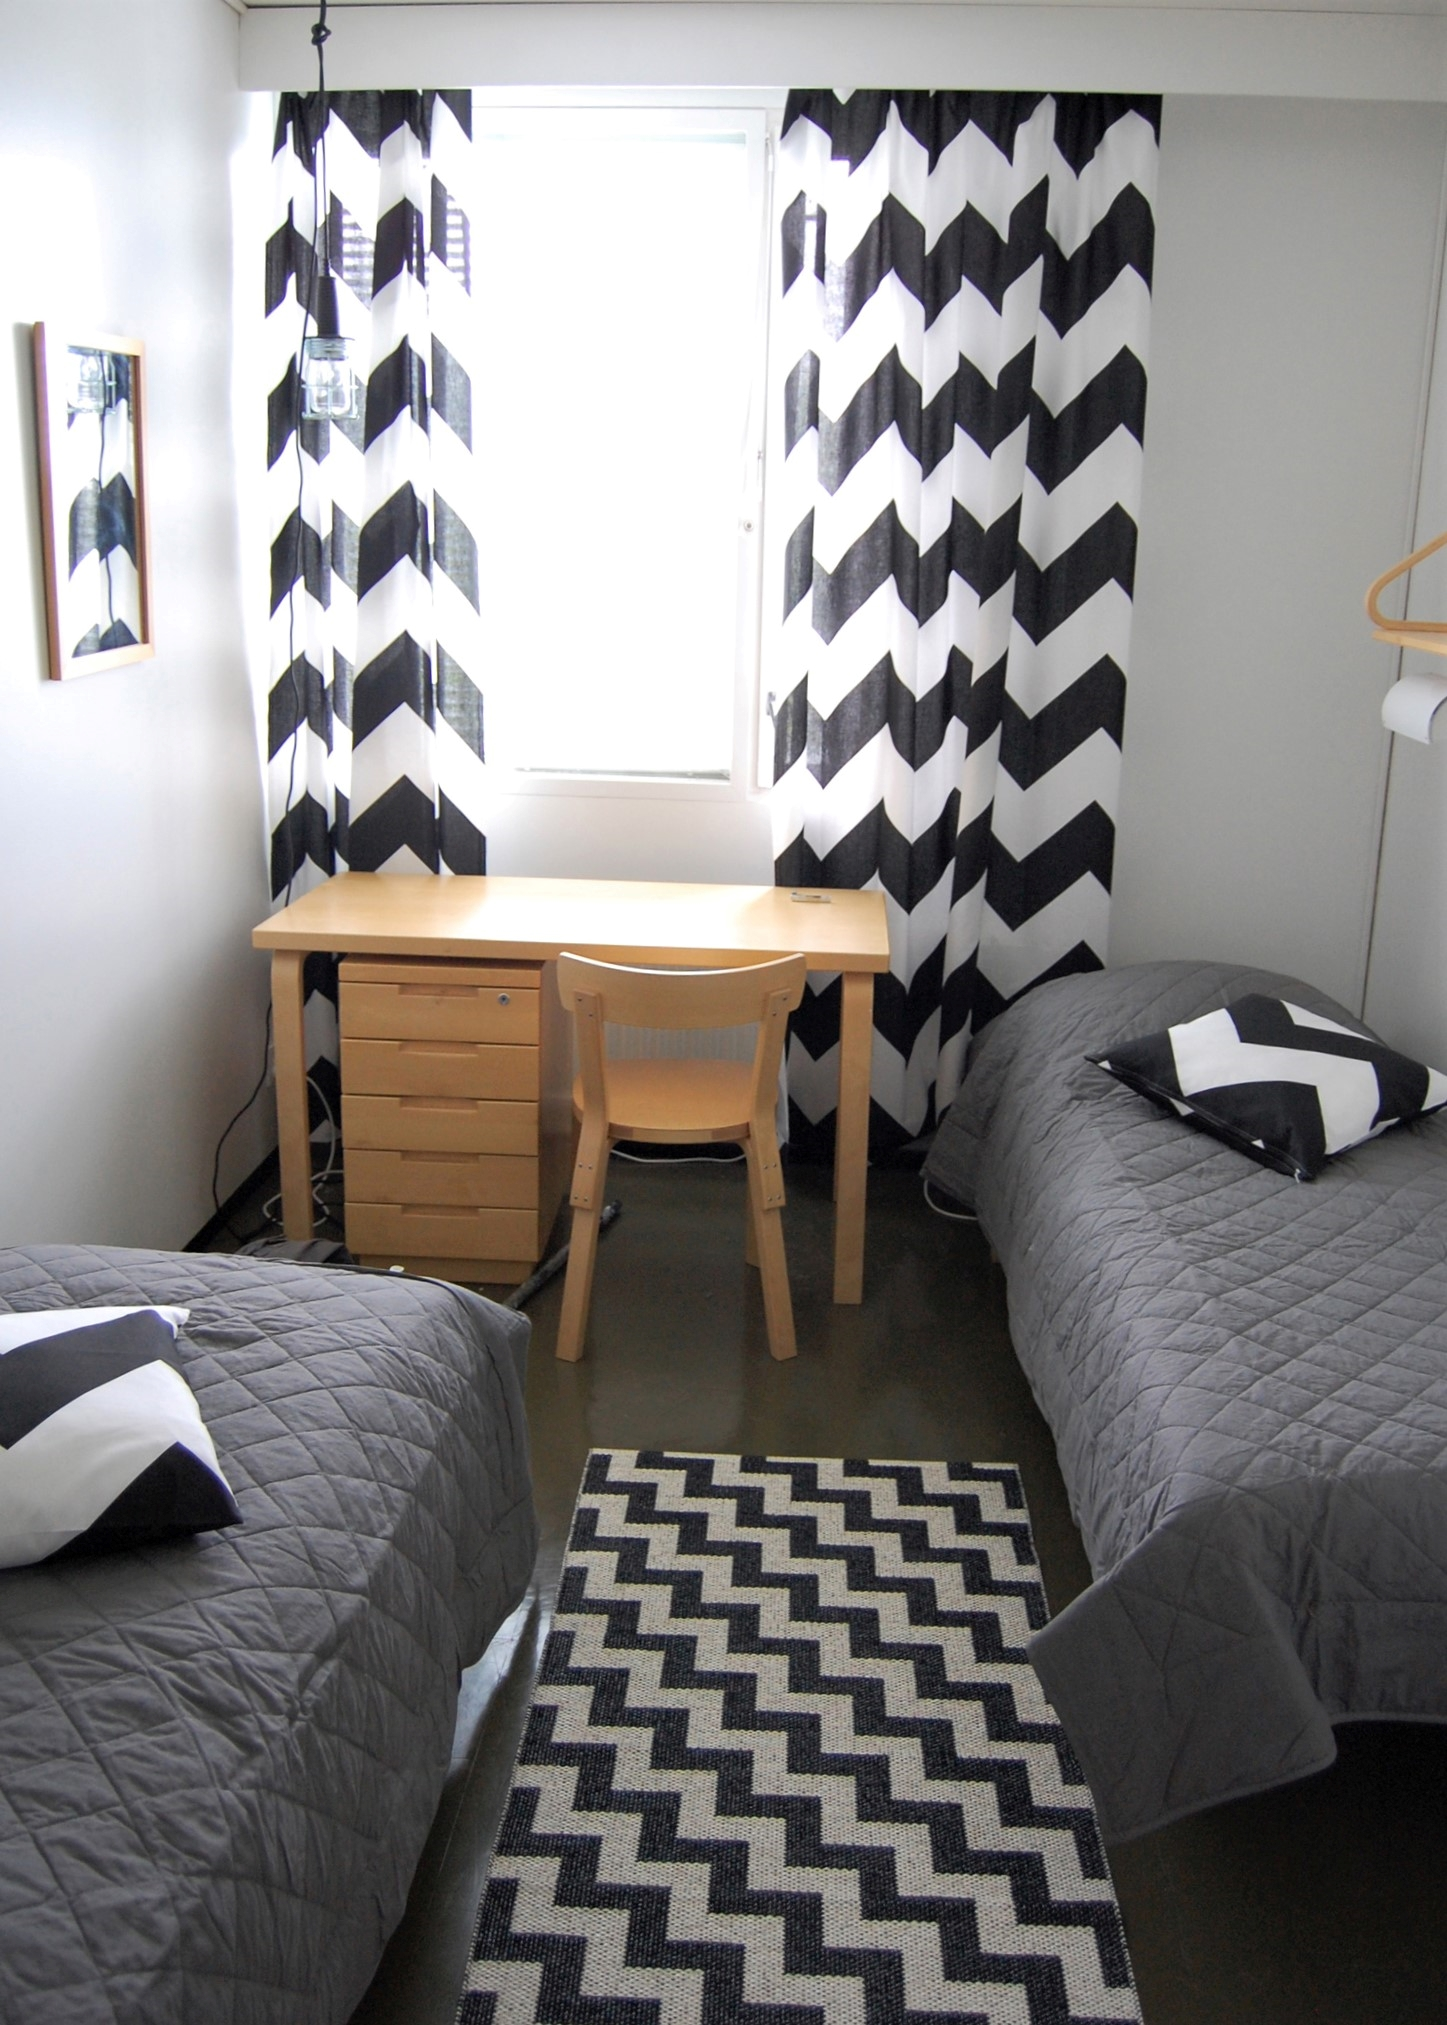 Tankar Innin kahden hengen huoneissa voit yöpyä myös koirasi kanssa. Lemmikit ovat tervetulleita majoitukseen.